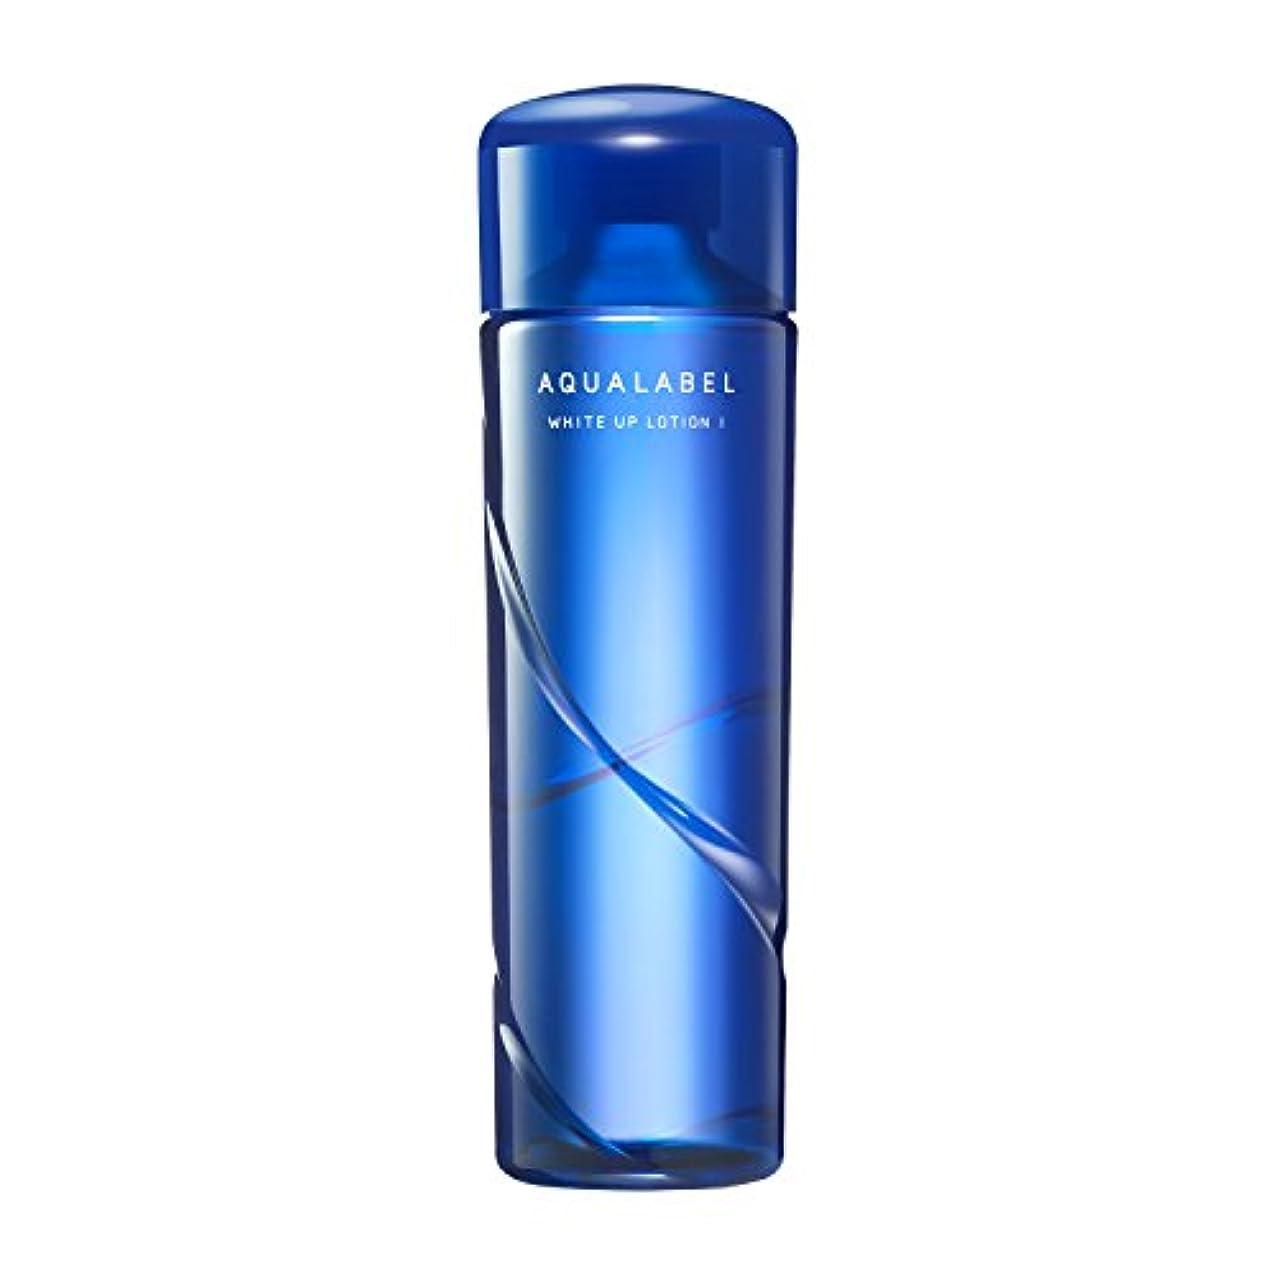 もしうん意外アクアレーベル ホワイトアップ ローション 保湿?美白化粧水 (1) さっぱり 200mL 【医薬部外品】